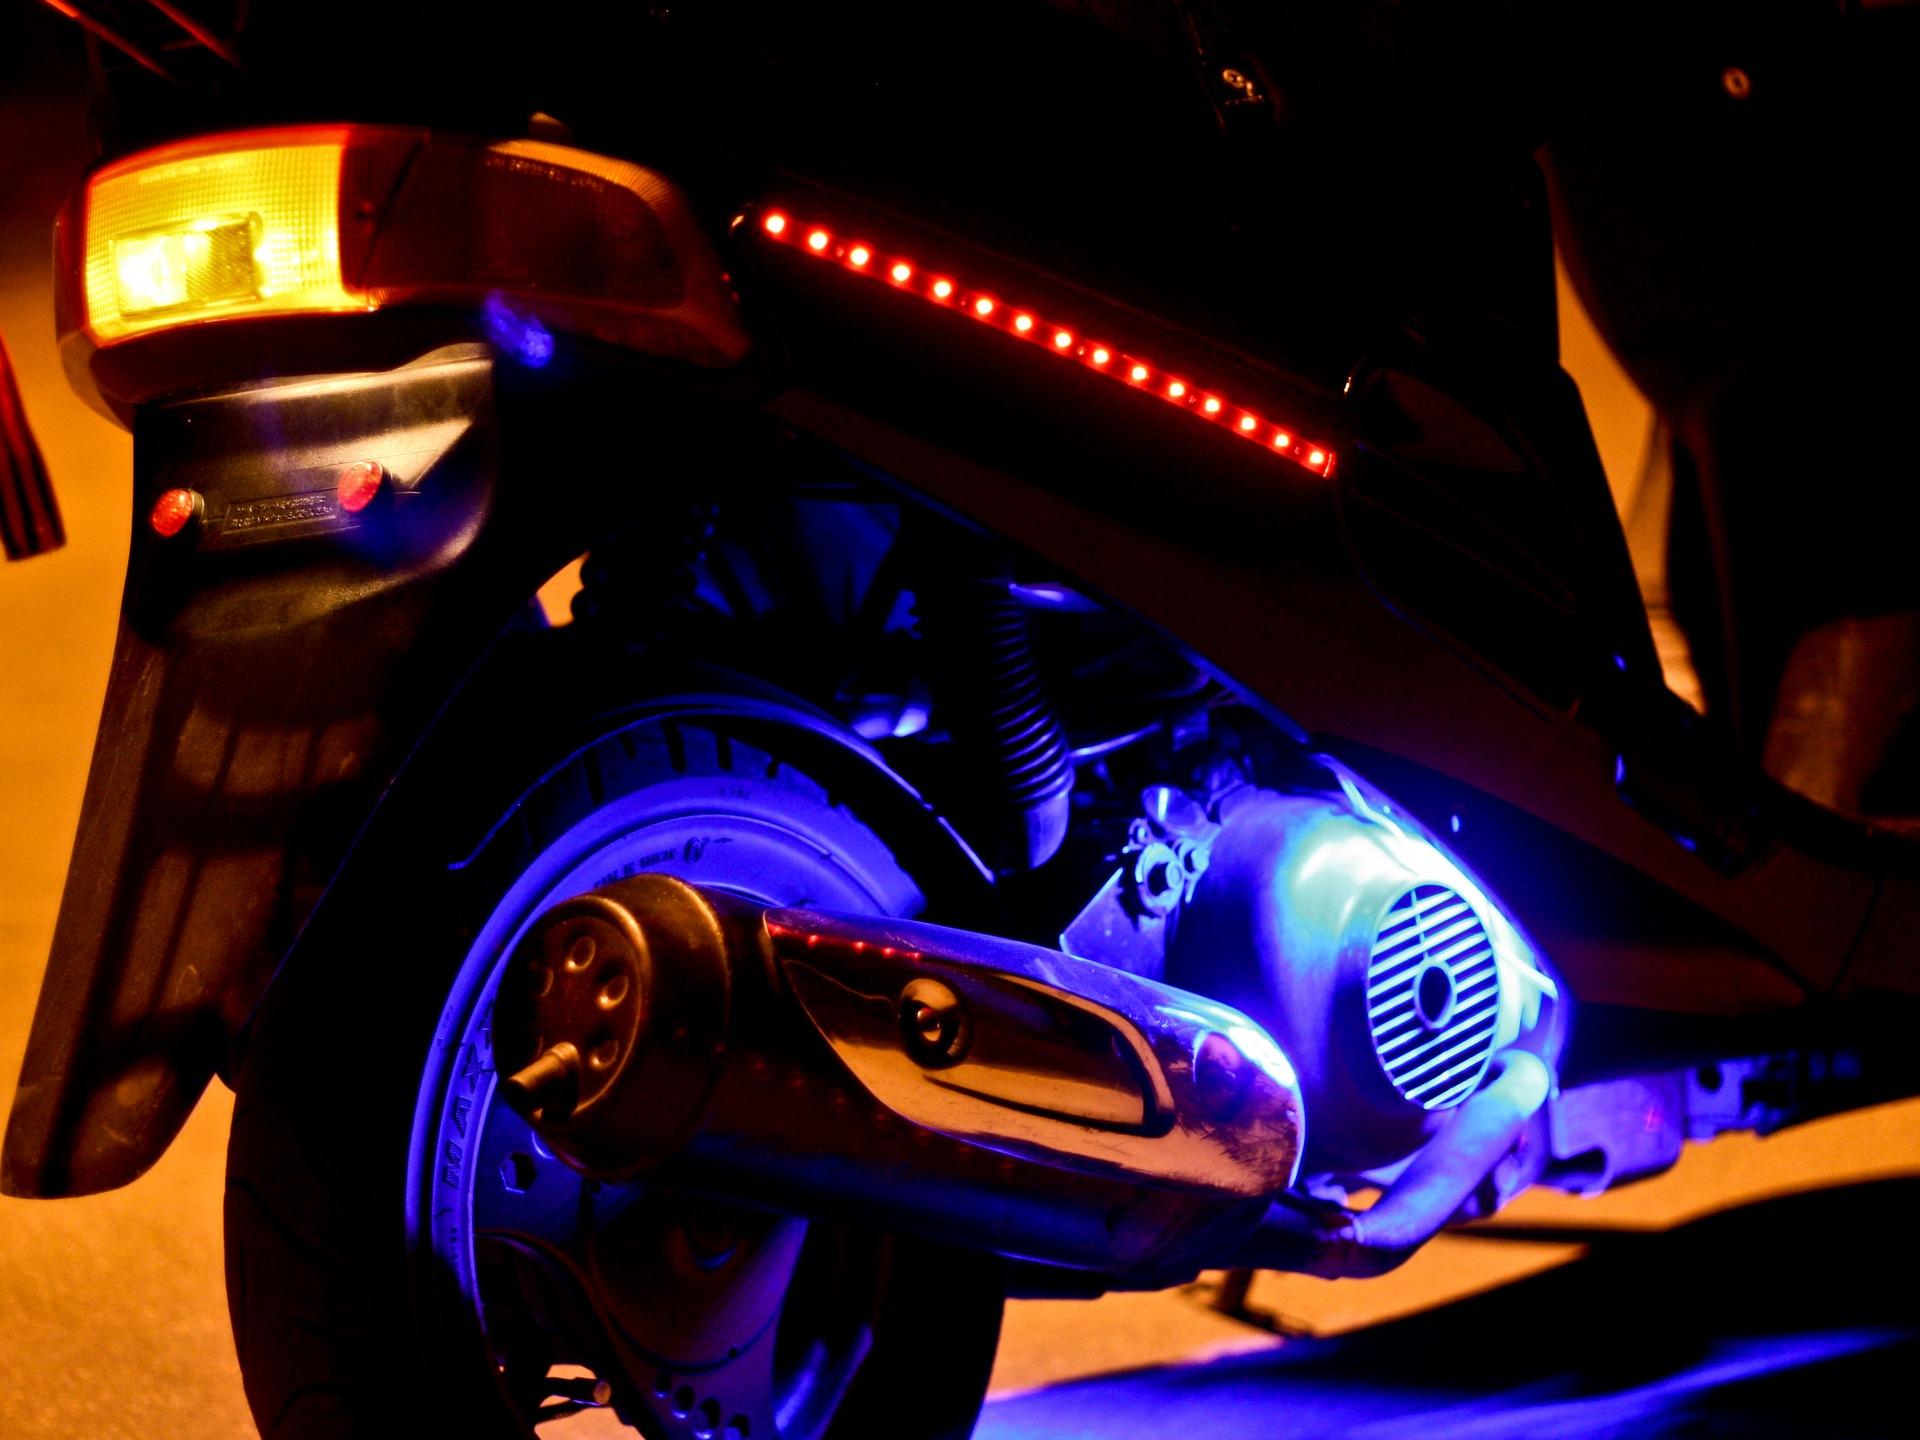 Как сделать подсветку на скутер своими руками